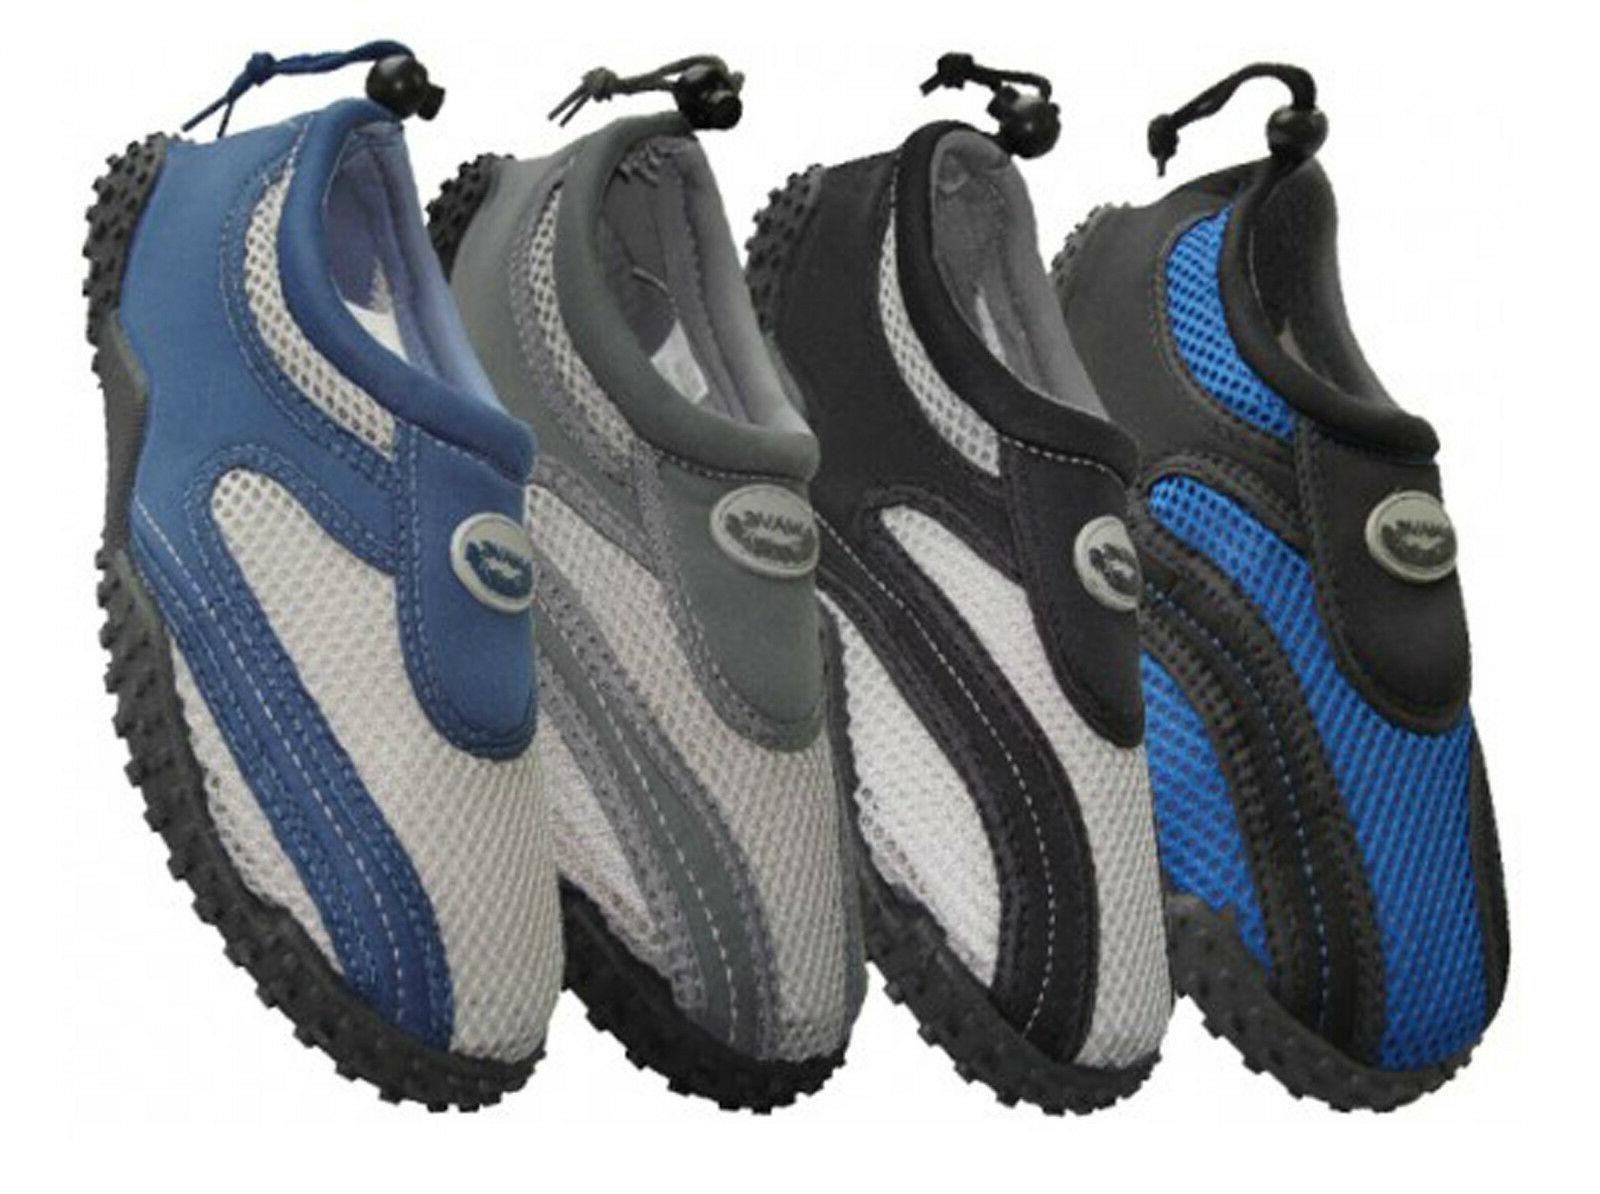 new mens water shoes aqua socks pool